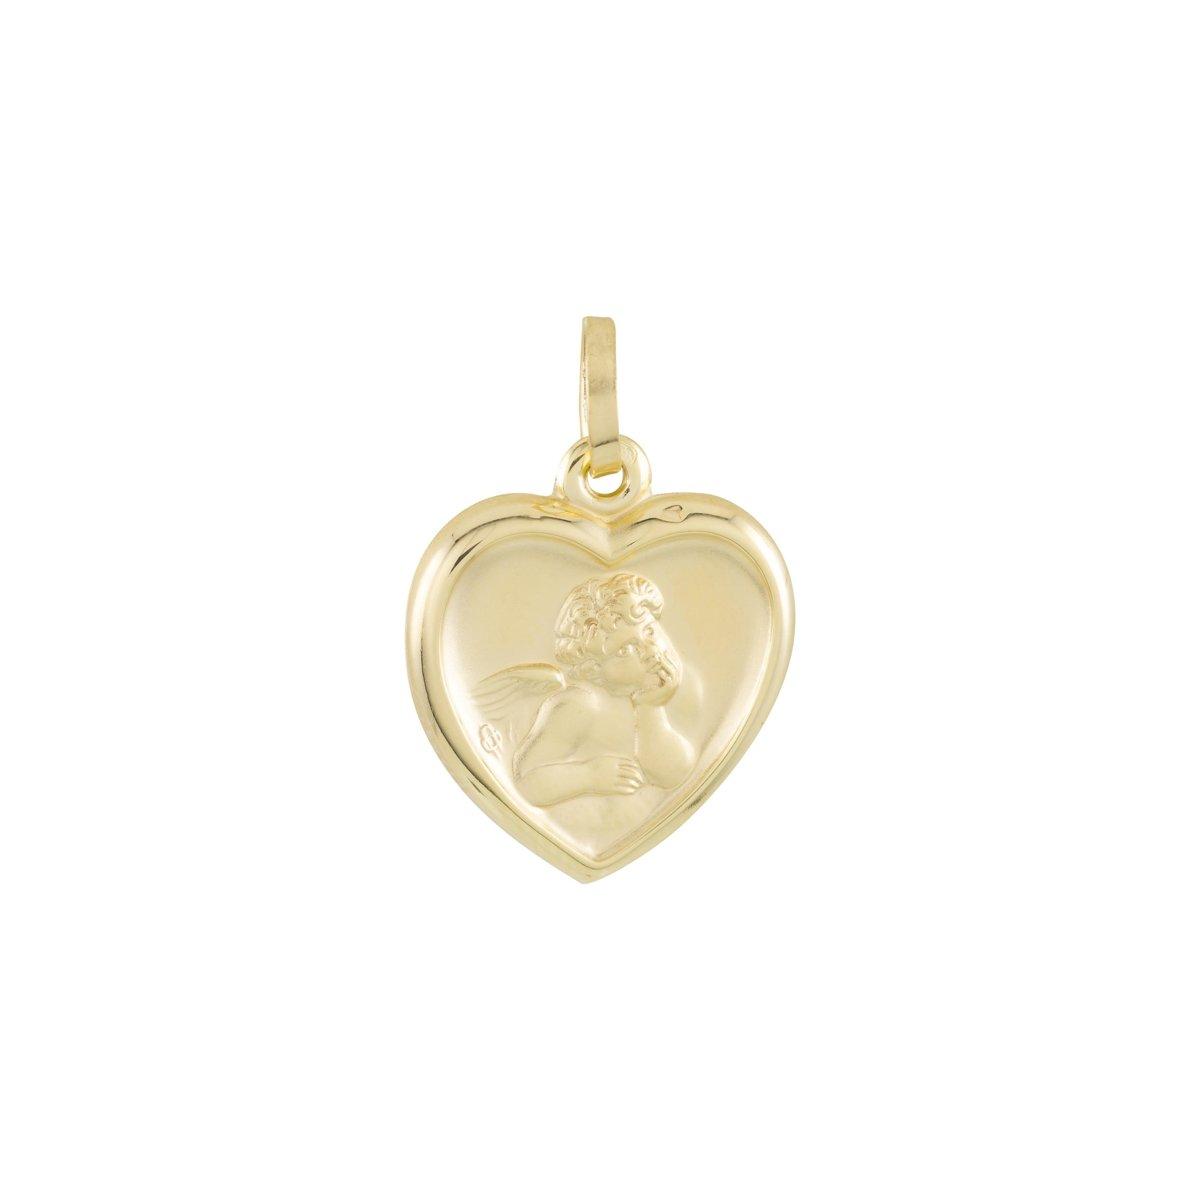 Glow religieuze hanger - geelgoud - cupido - glanzende rand - hart - hol - 16.5 x 14.4 kopen